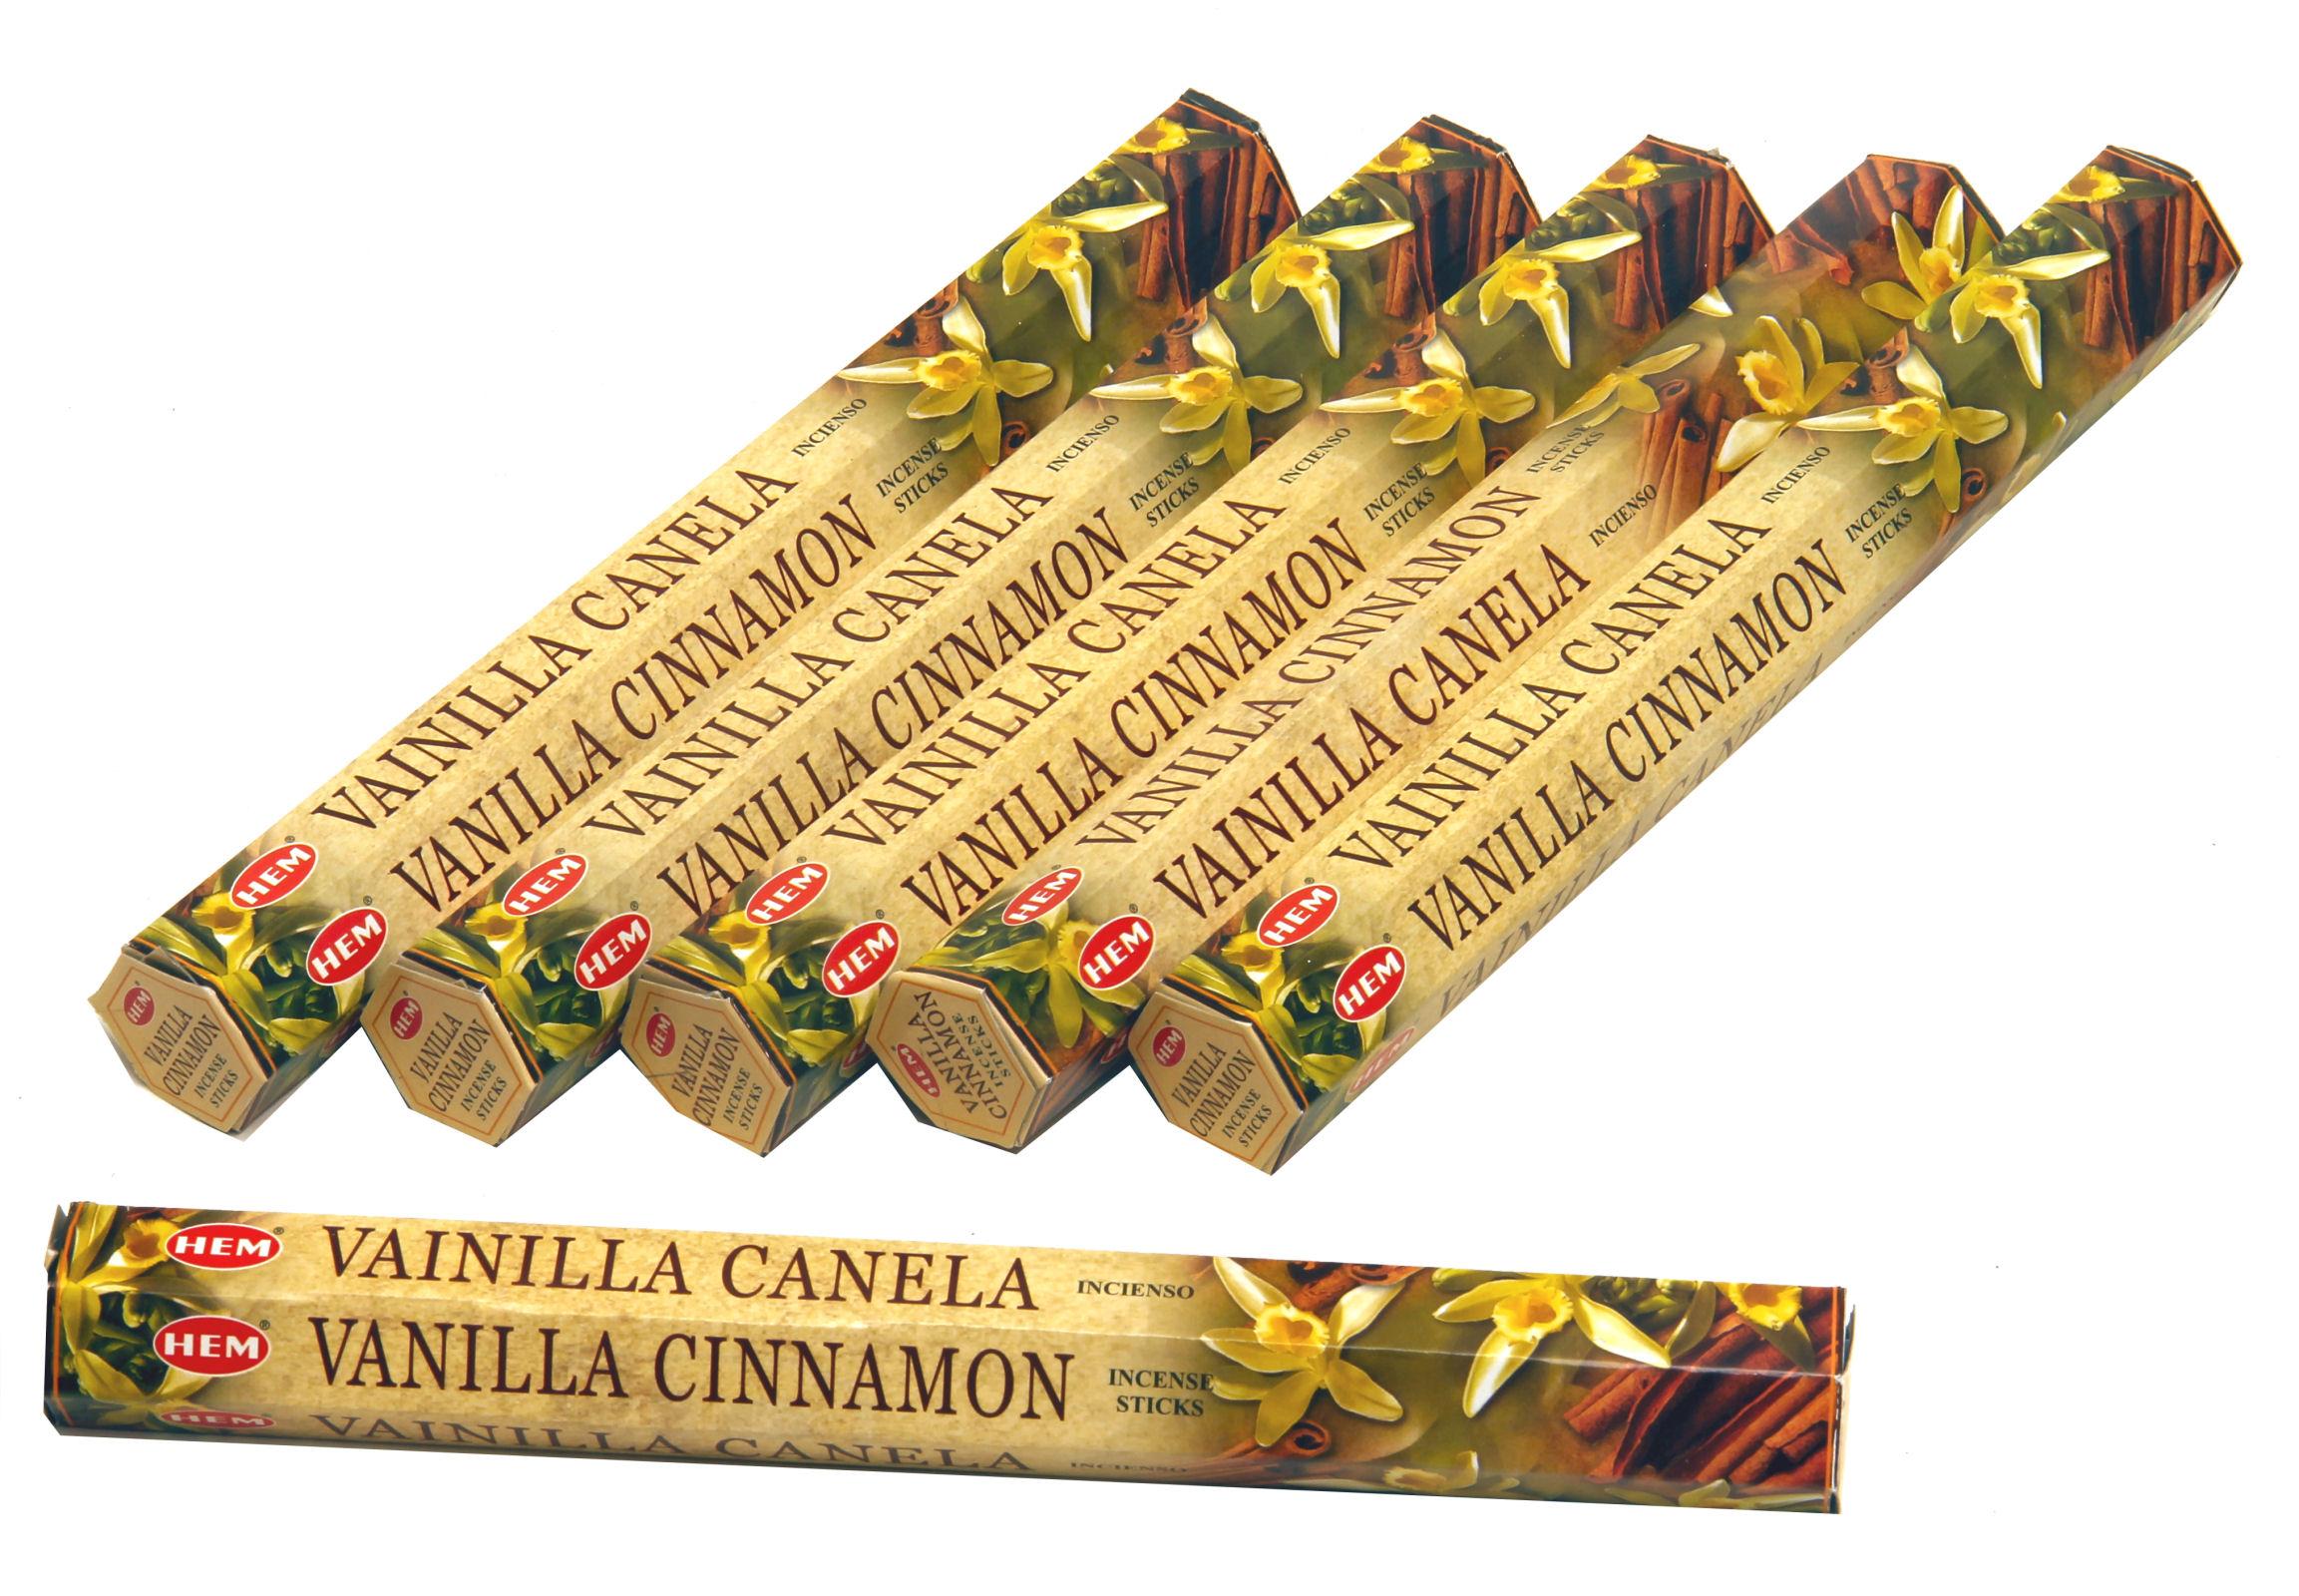 HEM Räucherstäbchen Sparset. 6 Packungen ca. 120 Sticks Vanilla Cinnamon